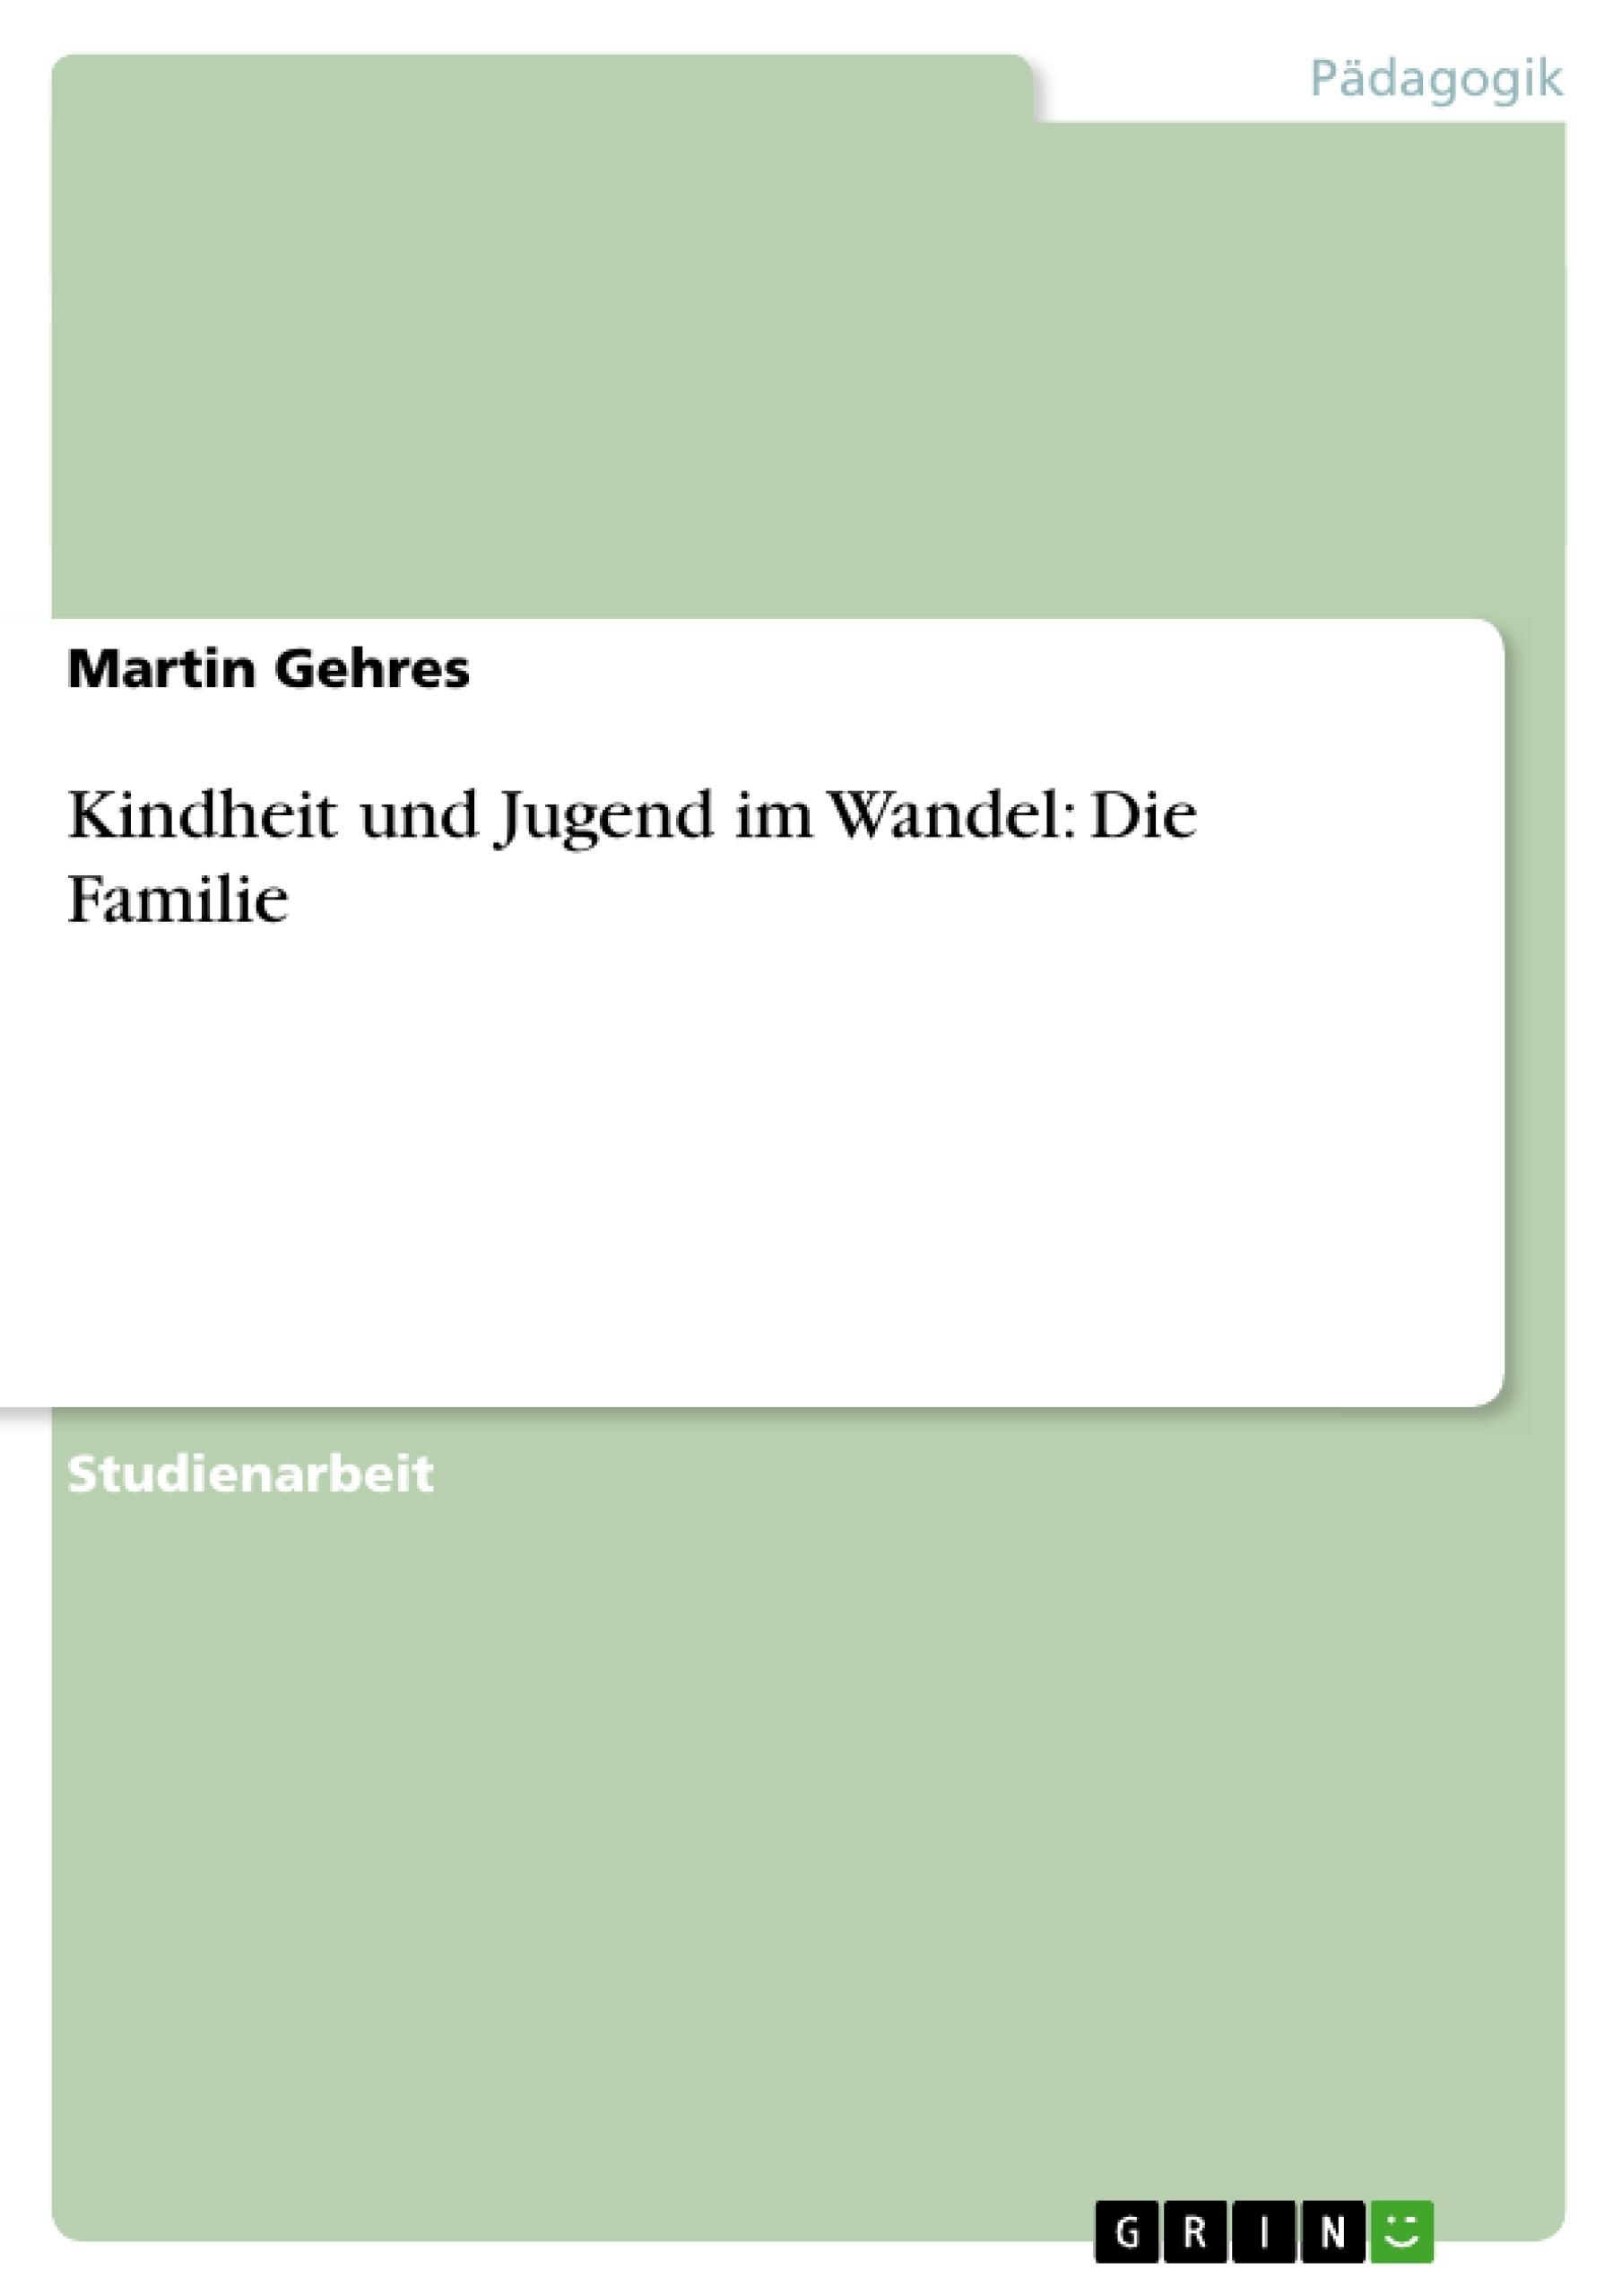 Titel: Kindheit und Jugend im Wandel: Die Familie